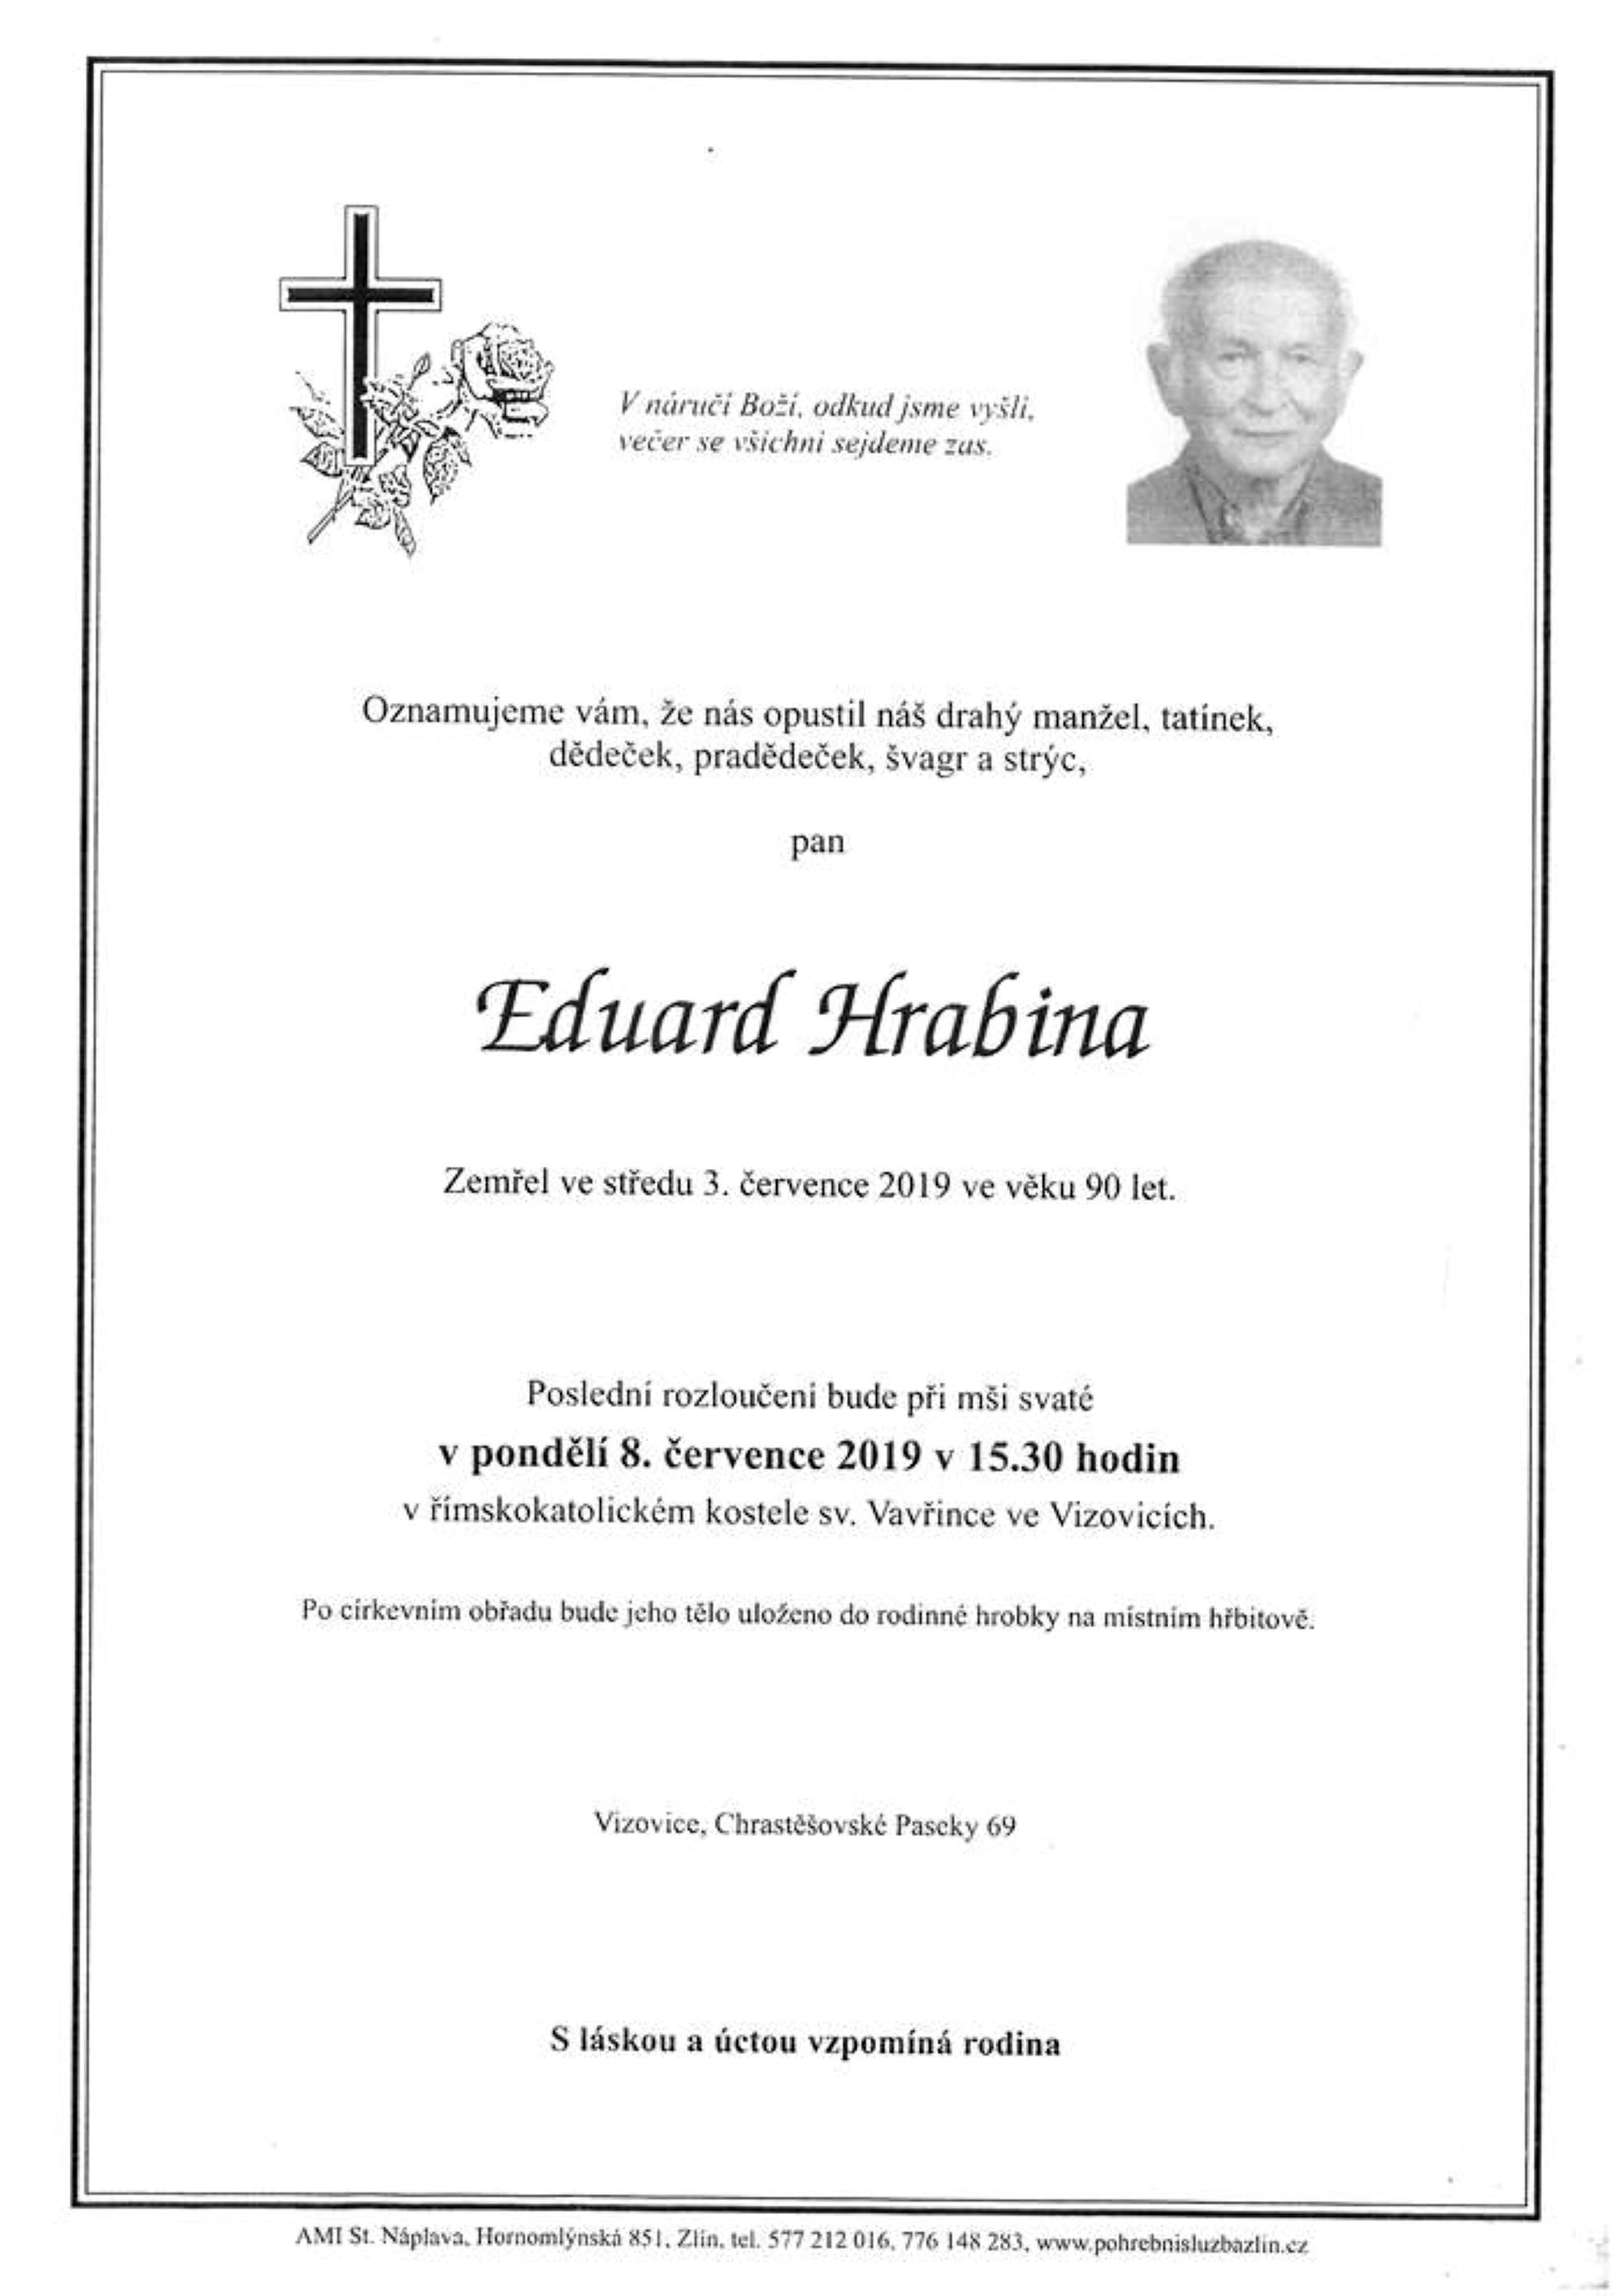 Eduard Hrabina